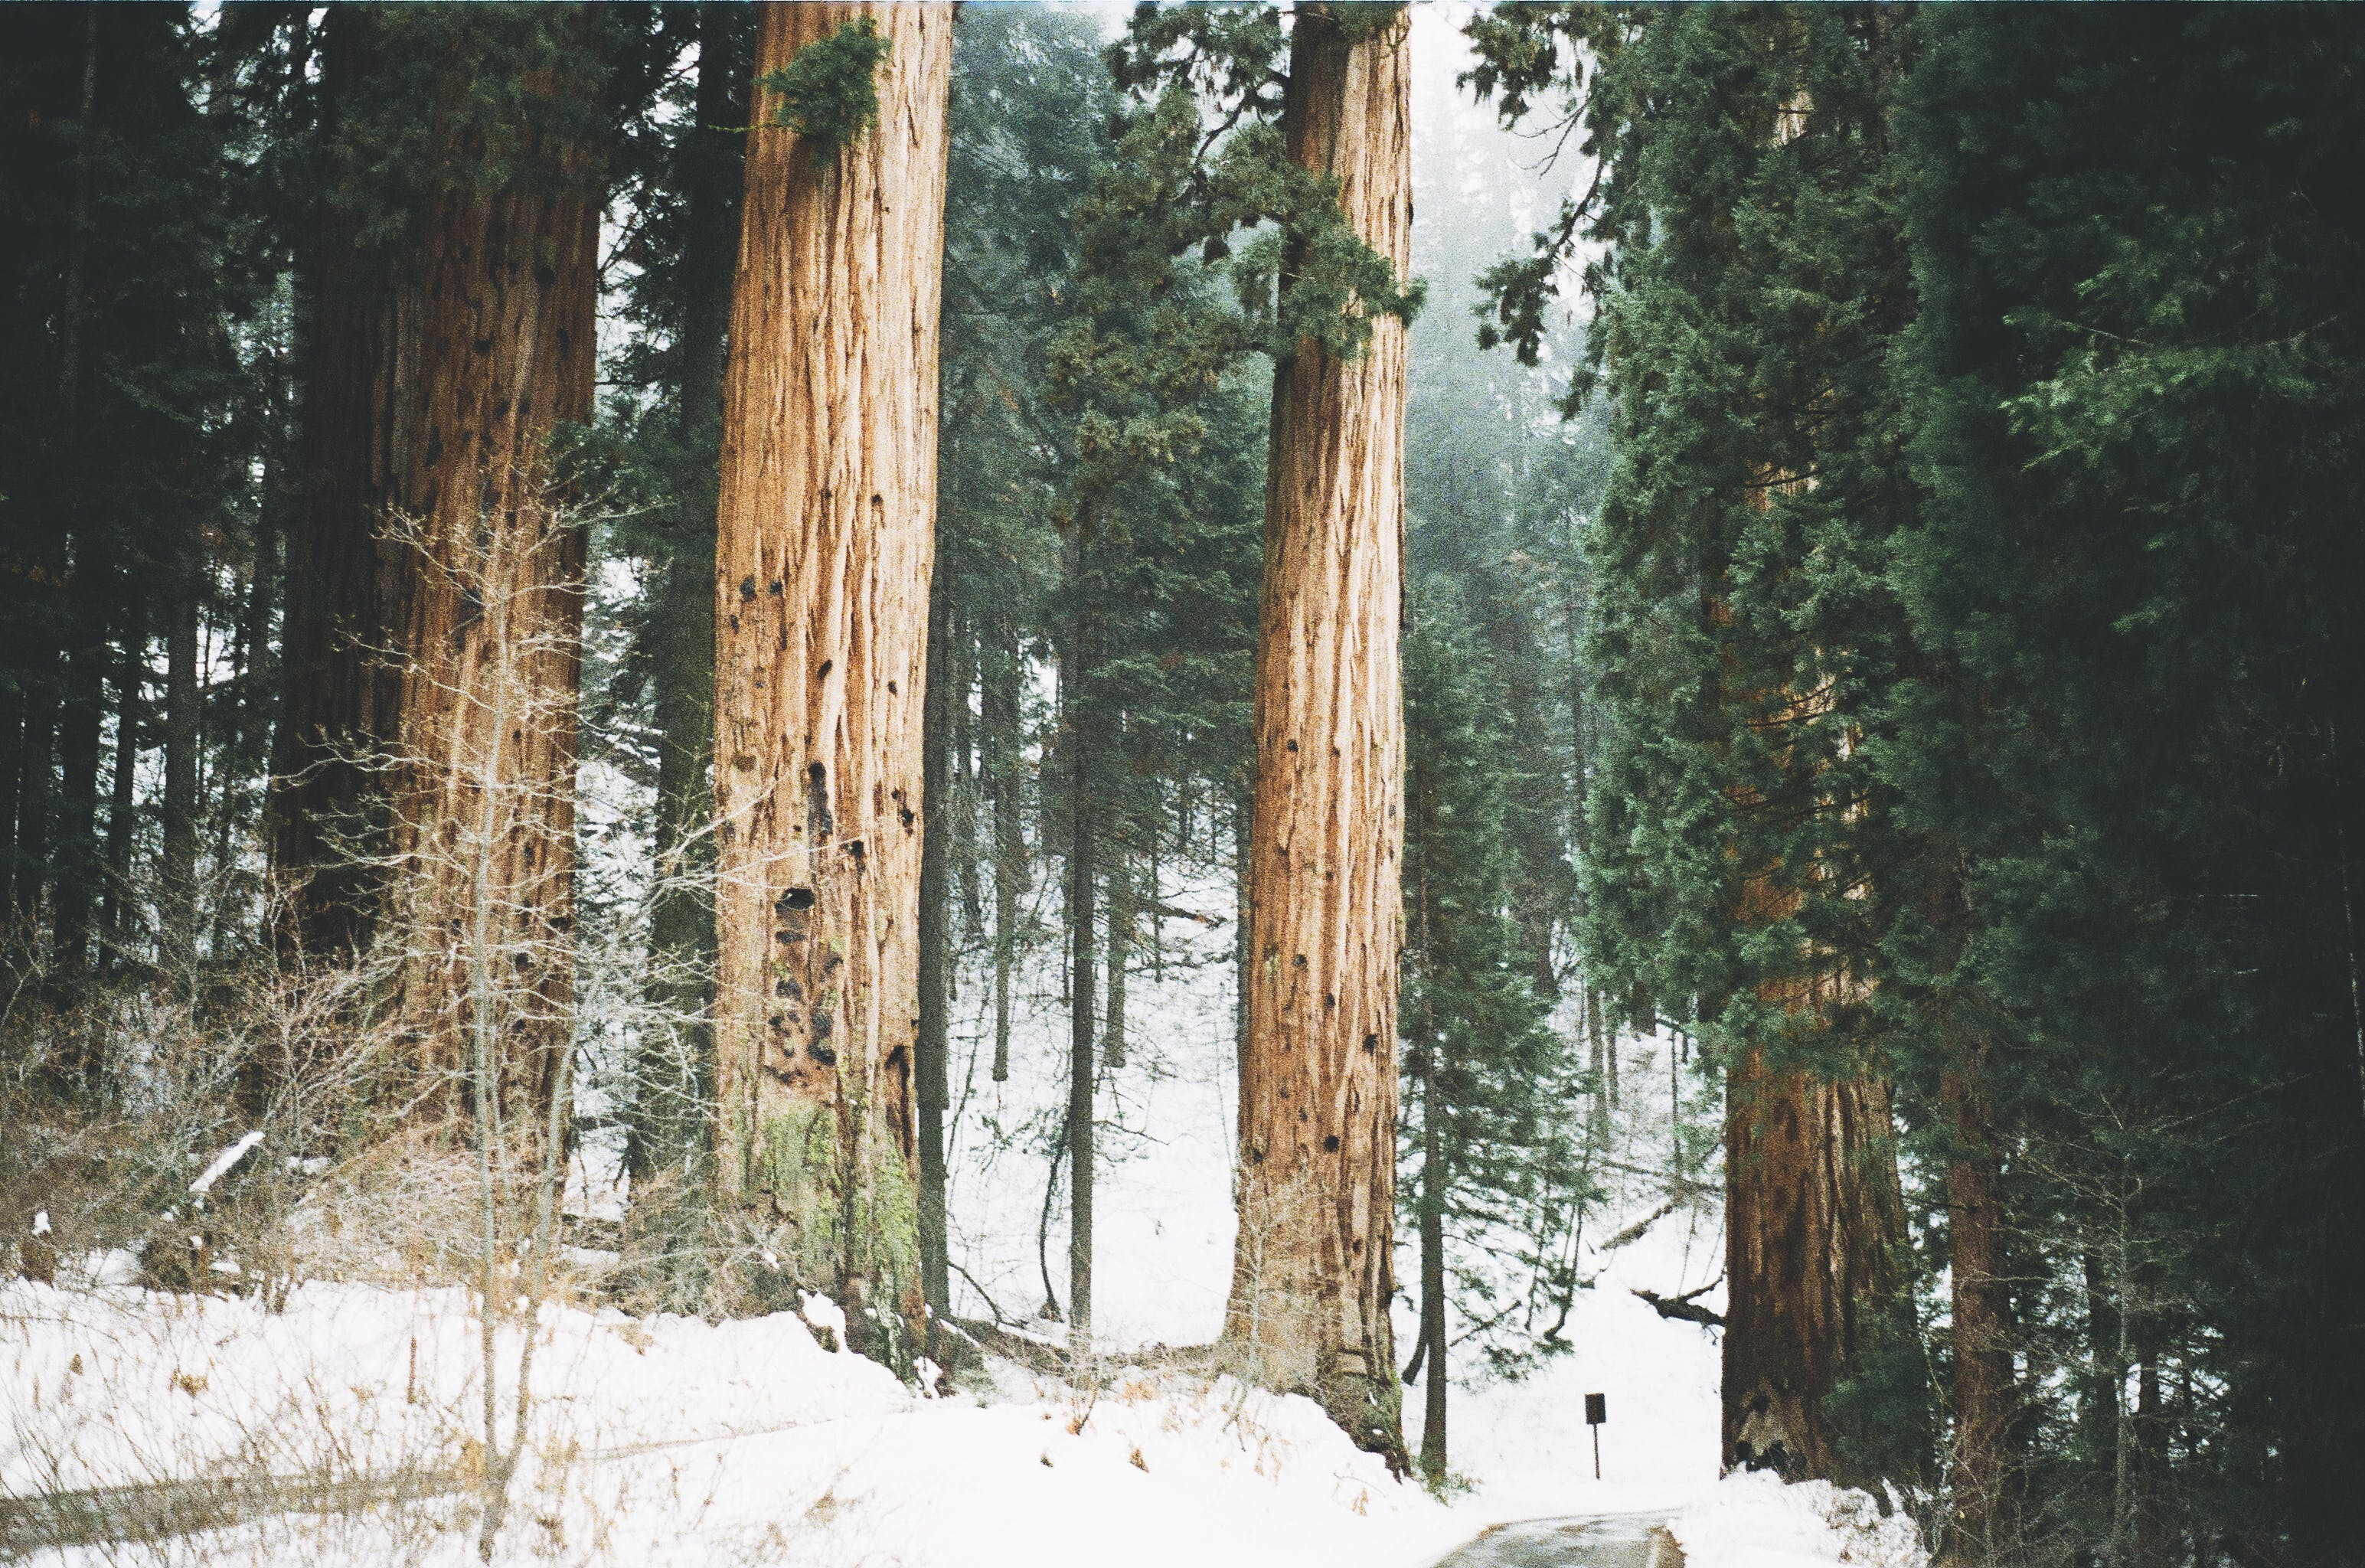 Kostenloses Stock Foto zu schnee, wald, bäume, winter